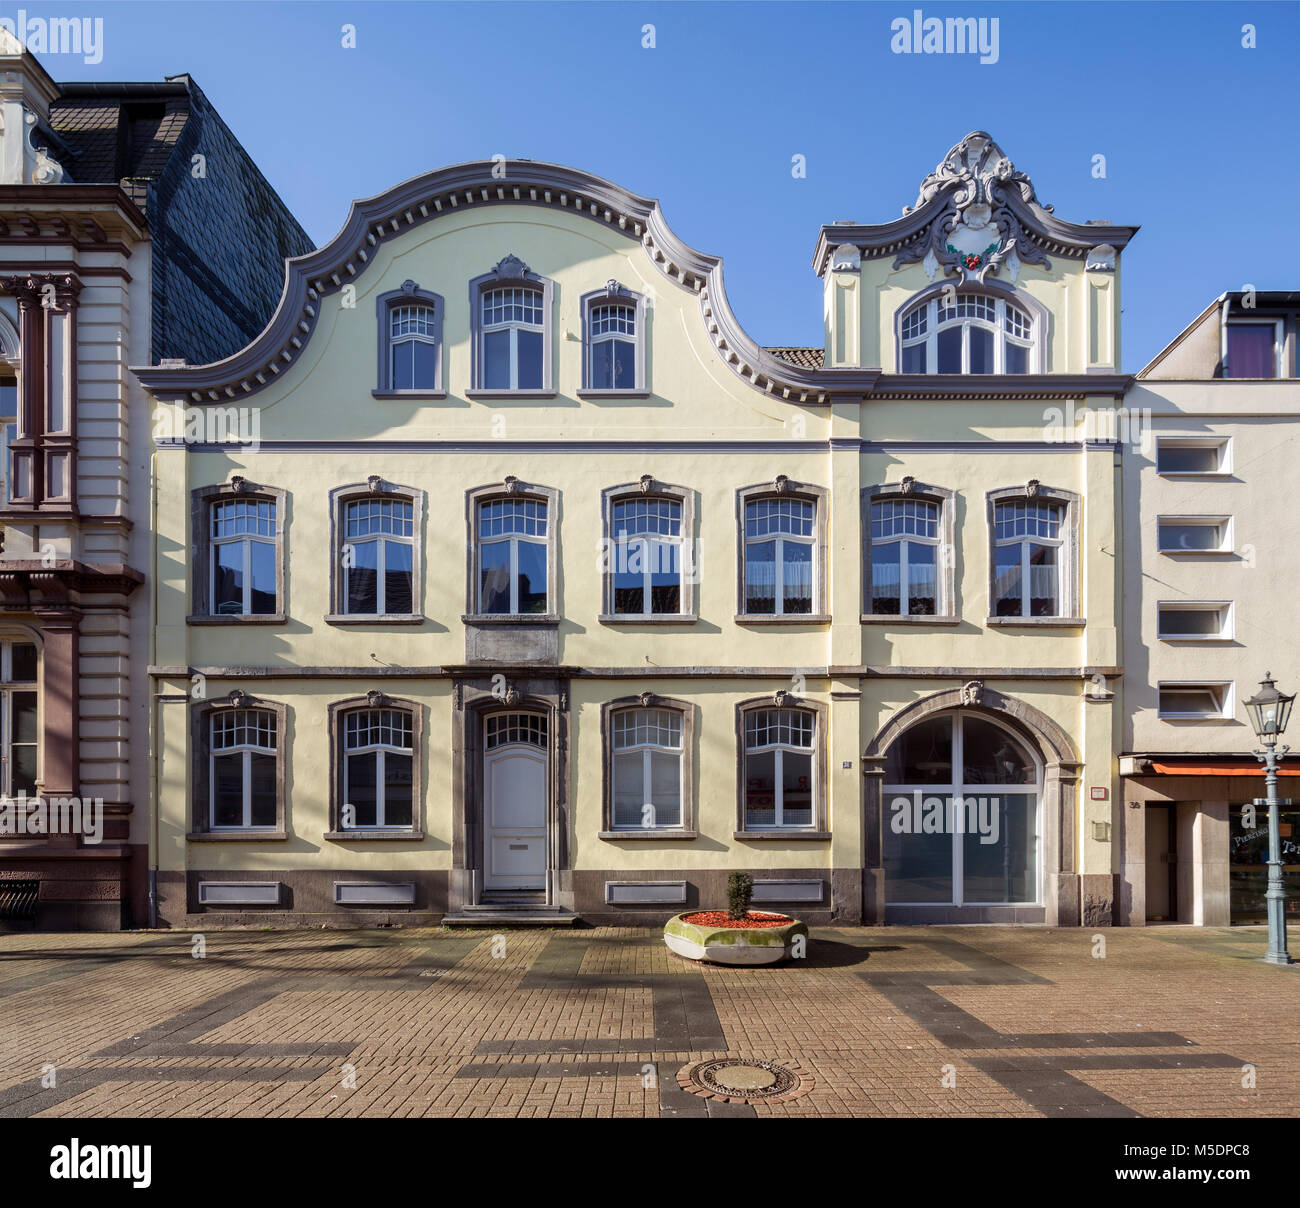 Krefeld-Uerdingen, Wiegelsches Haus, 1754 erbaut - Stock Image